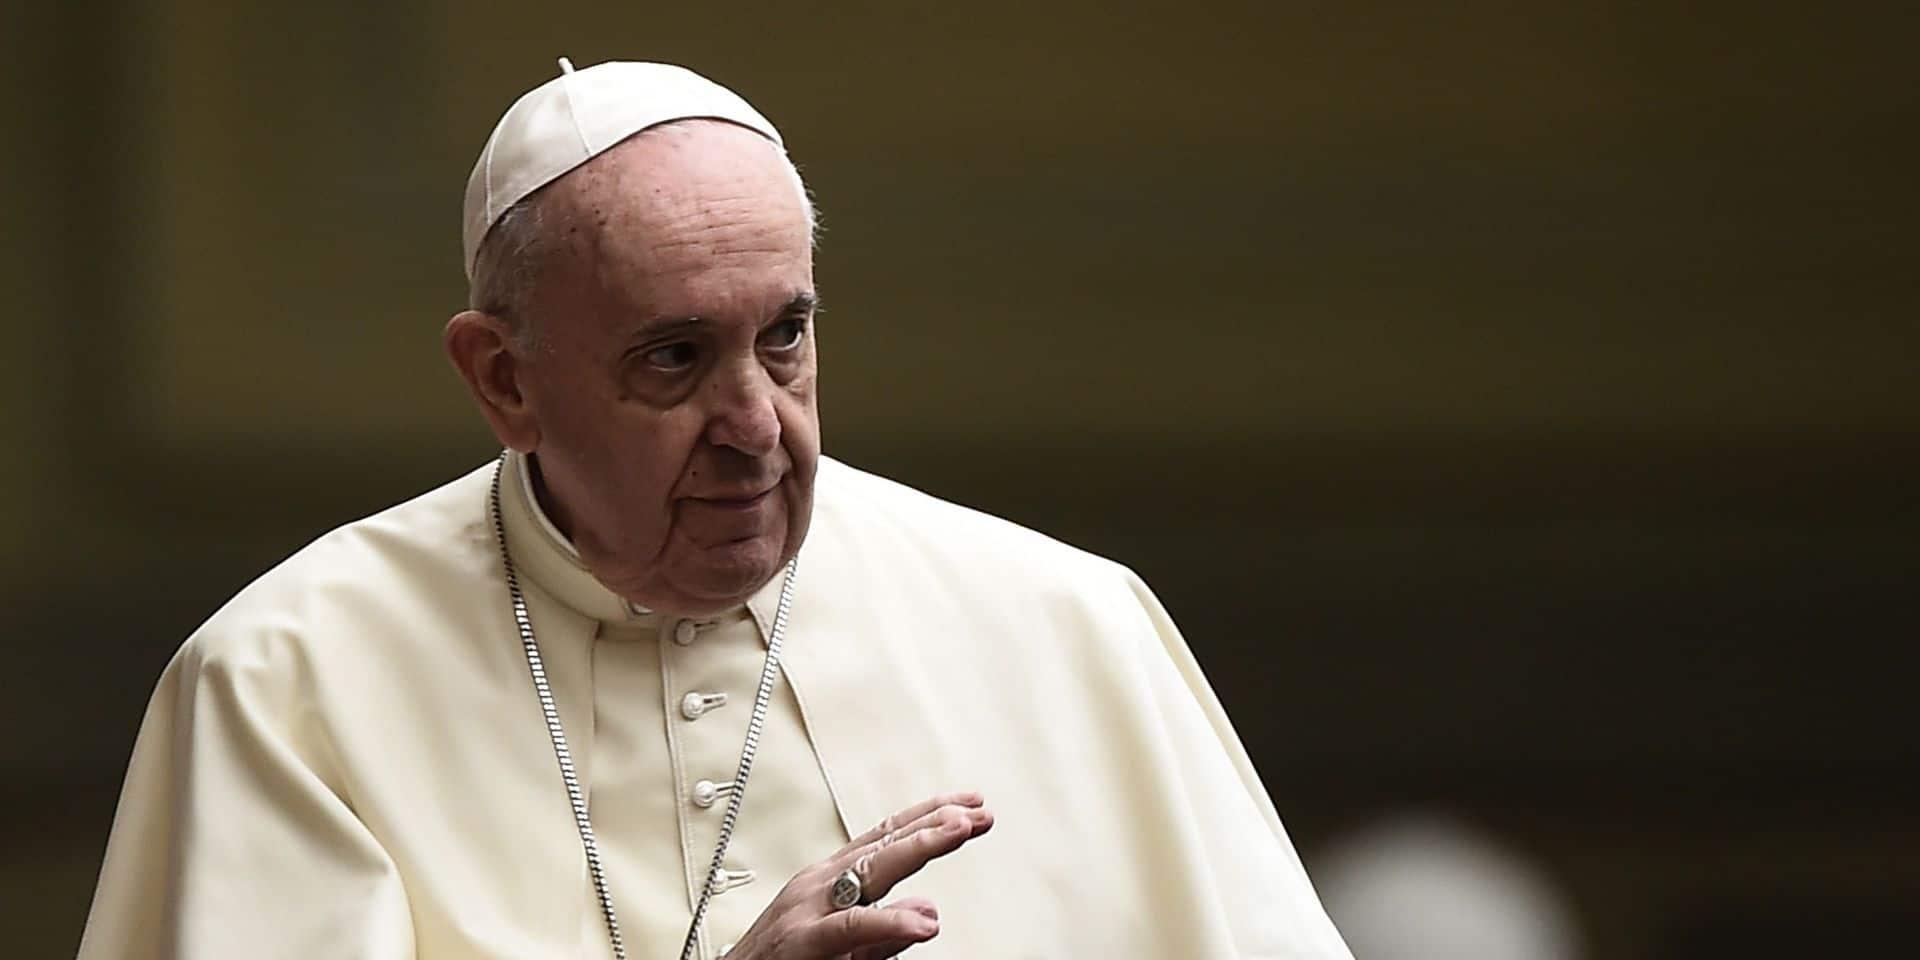 """Sommet de l'ONU: le pape François demande de mettre un terme au """"climat de méfiance"""" actuel"""